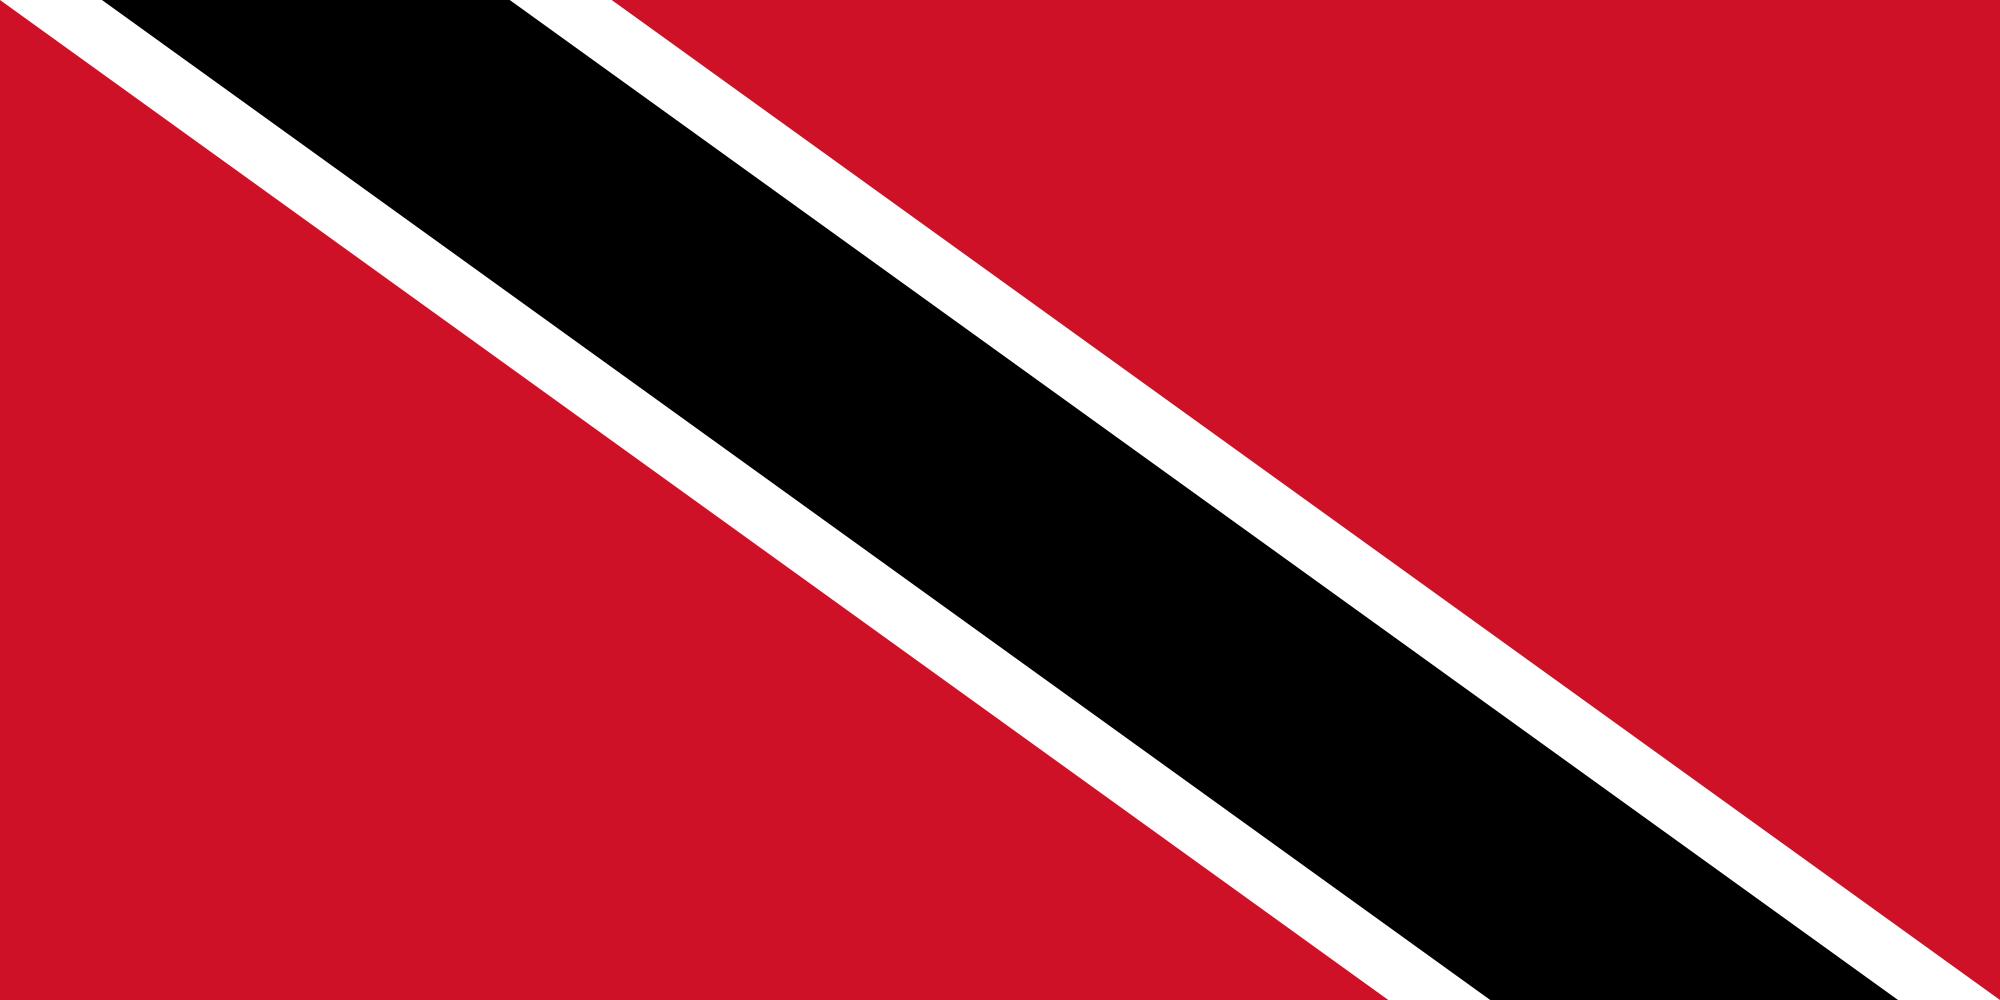 Trinidad and Tobago (Civil ensign)